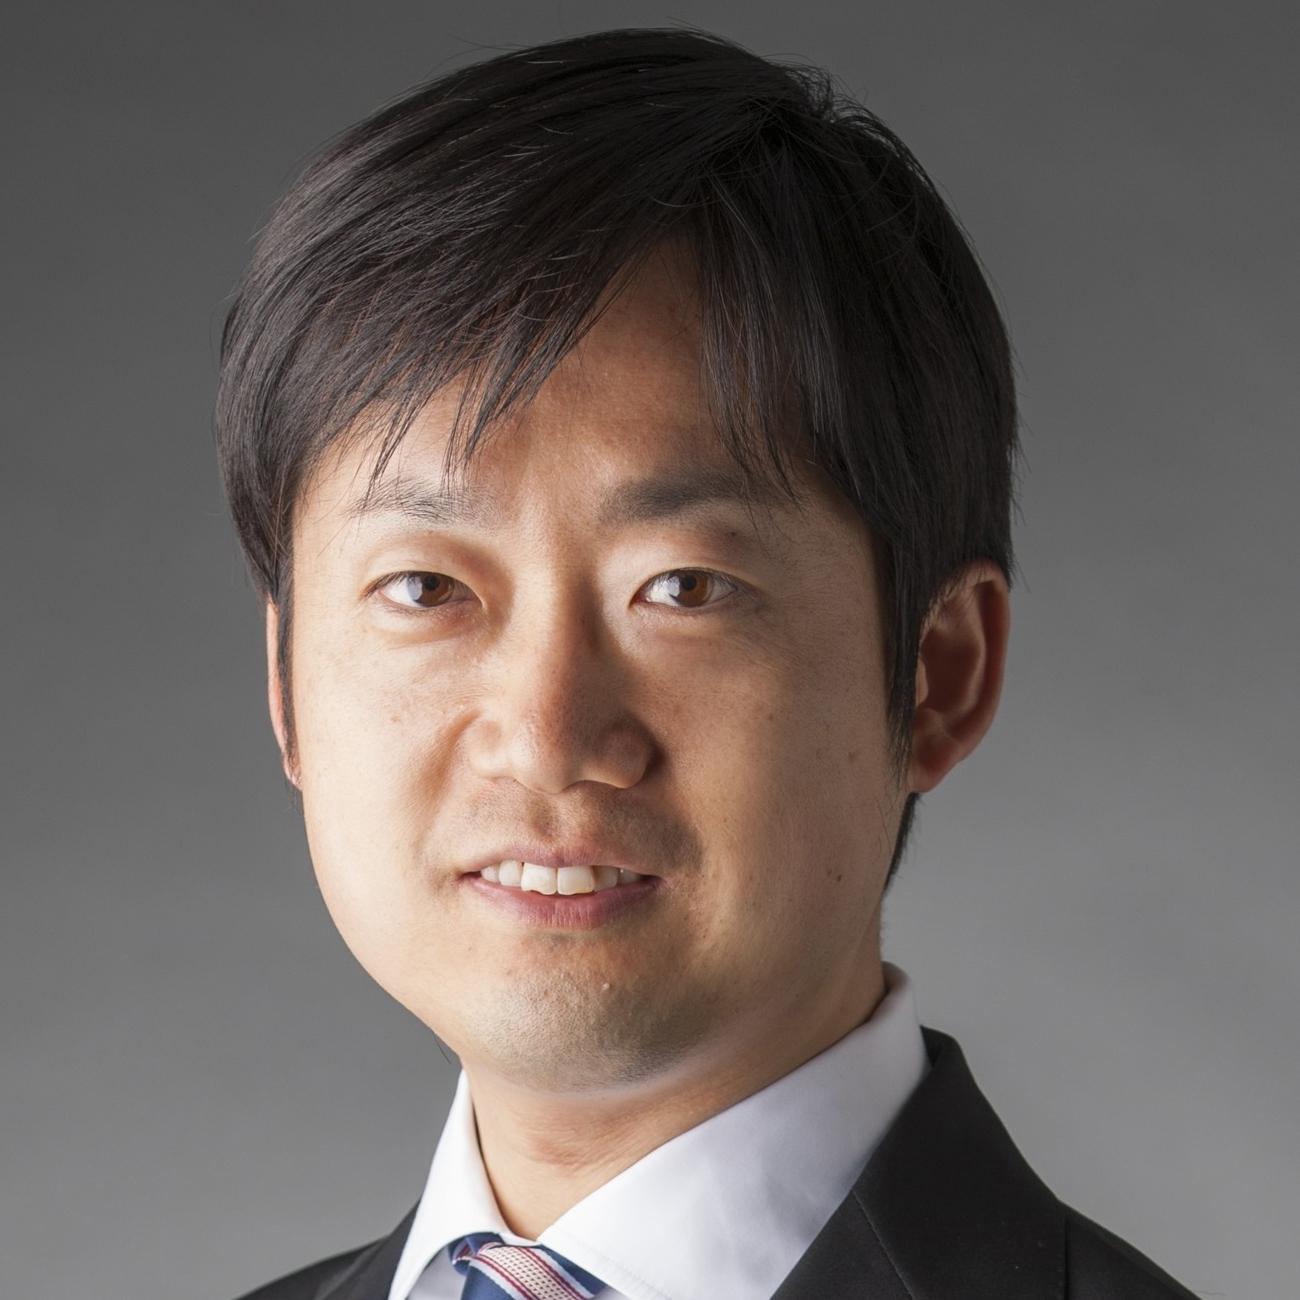 Tetsuya Kaneko